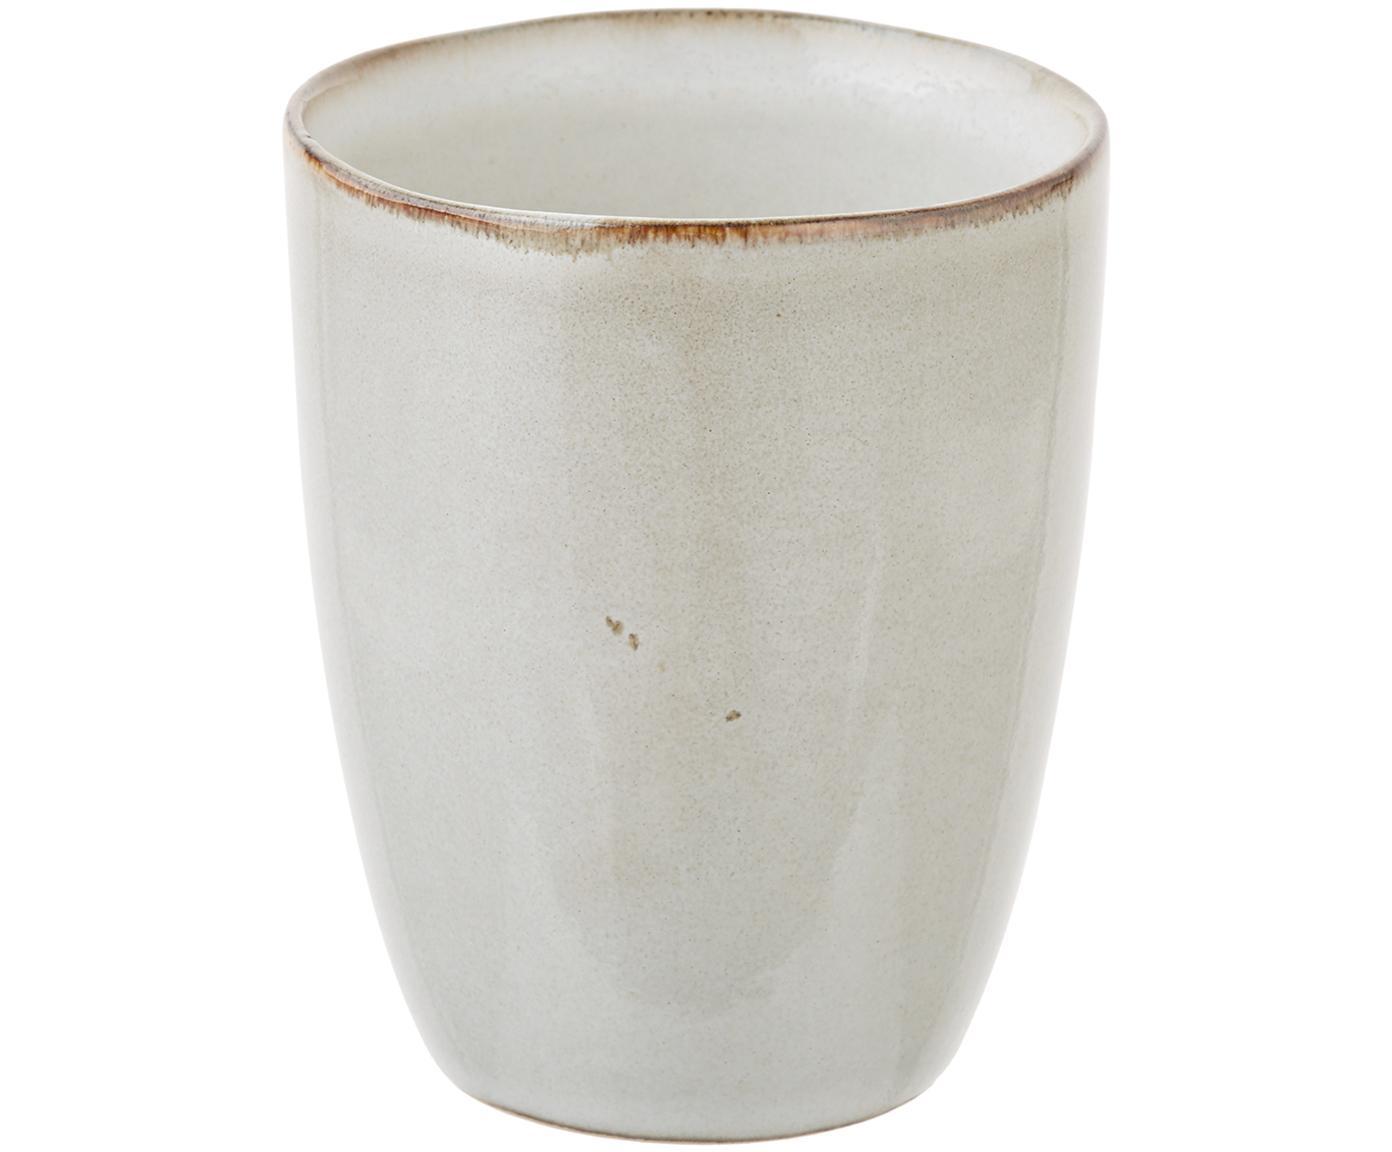 Handgemachte Becher Thalia in Beige, 2 Stück, Steinzeug, Beige, Ø 9 x H 11 cm